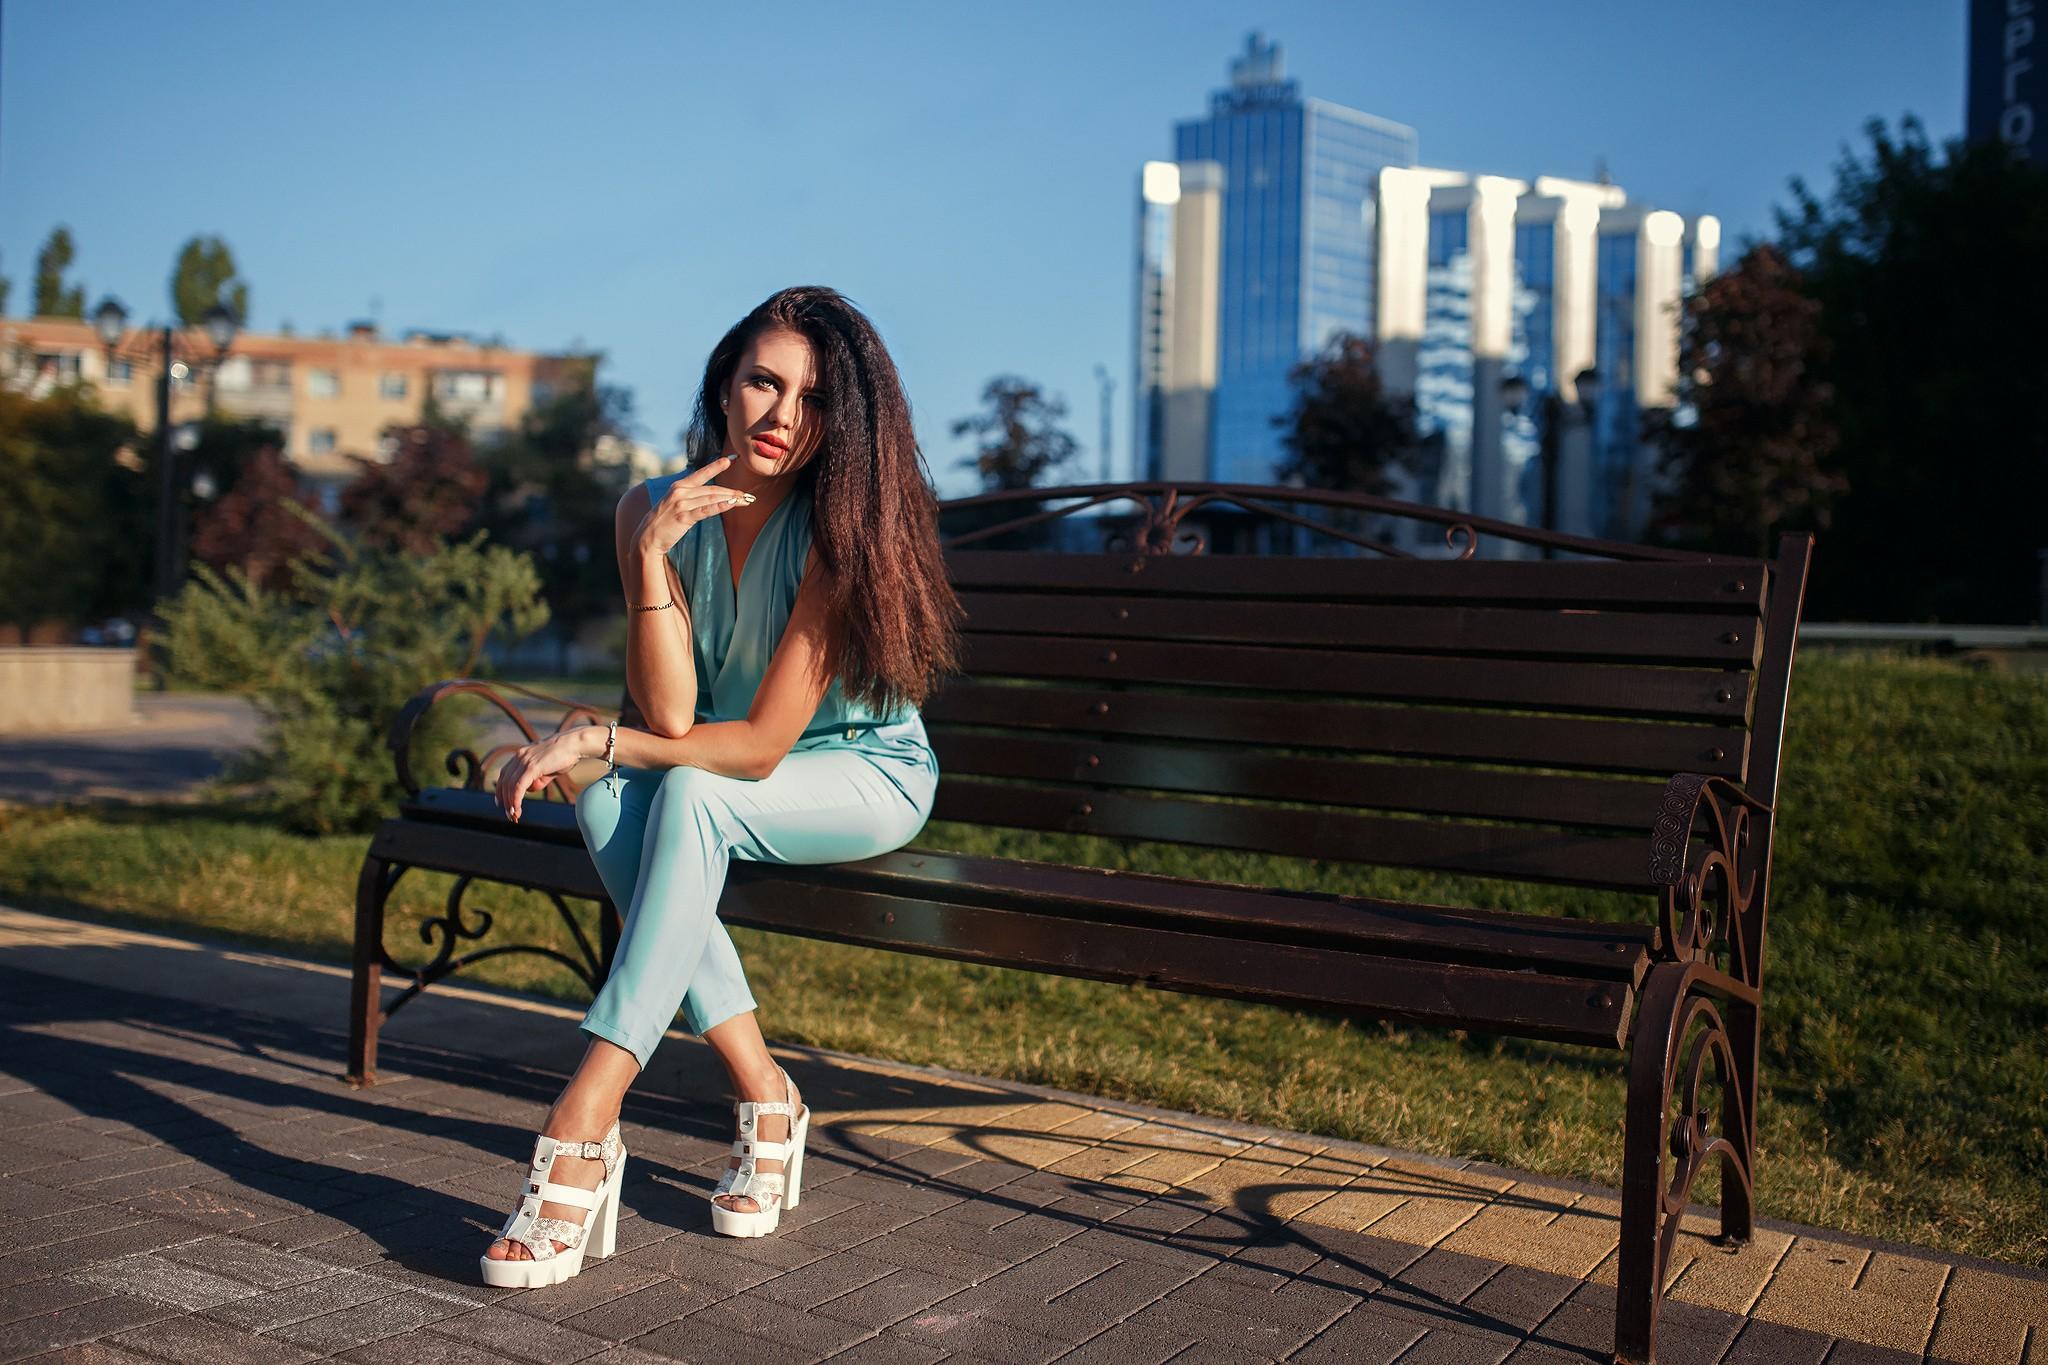 naturalnie-foto-devushek-na-ulitse-foto-telok-s-ochen-bolshimi-siskami